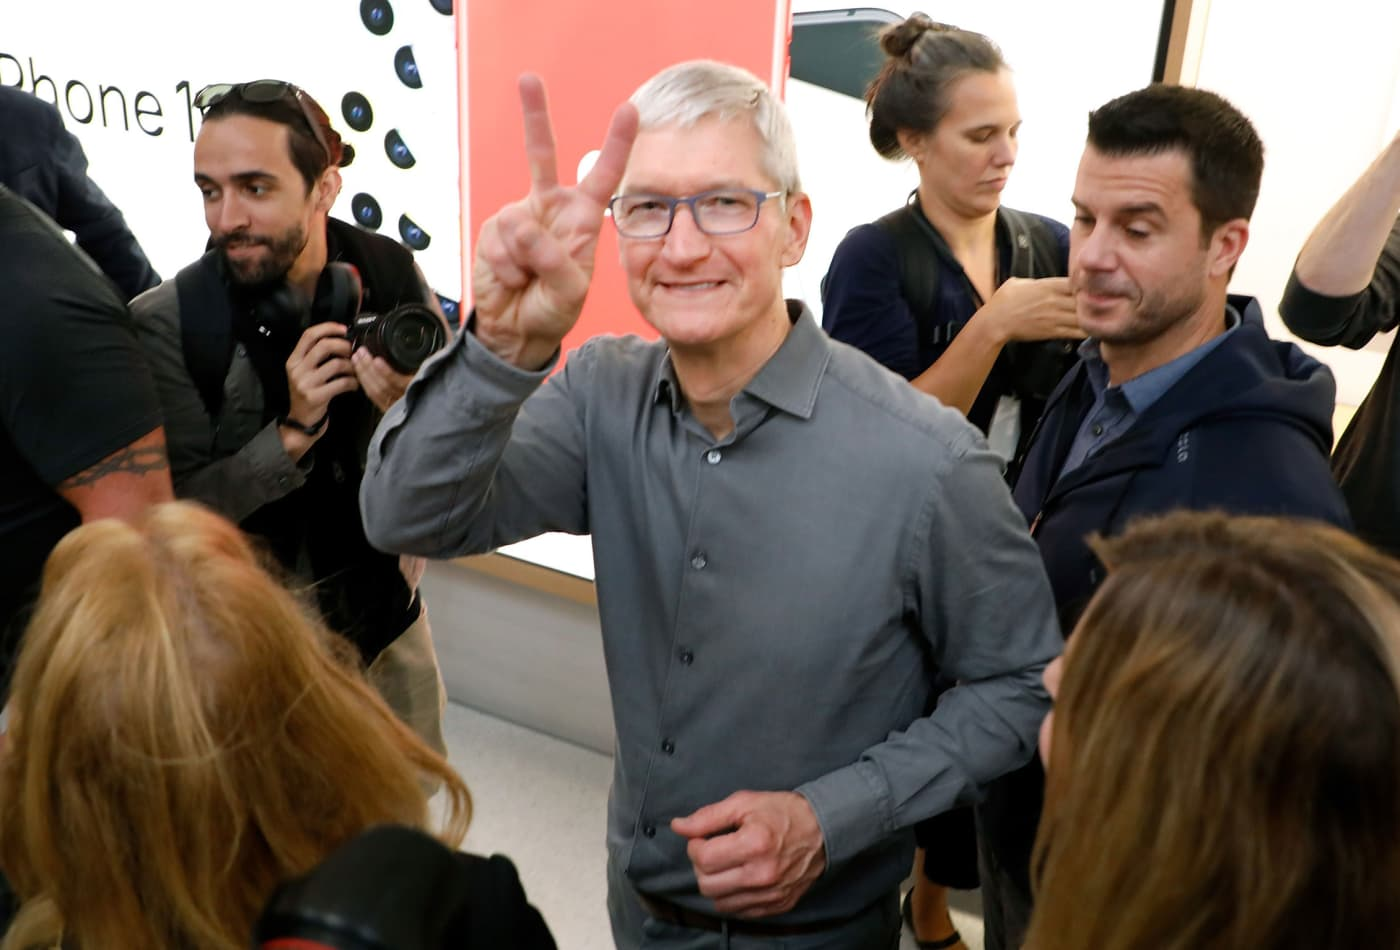 Apple announces 4-for-1 stock split